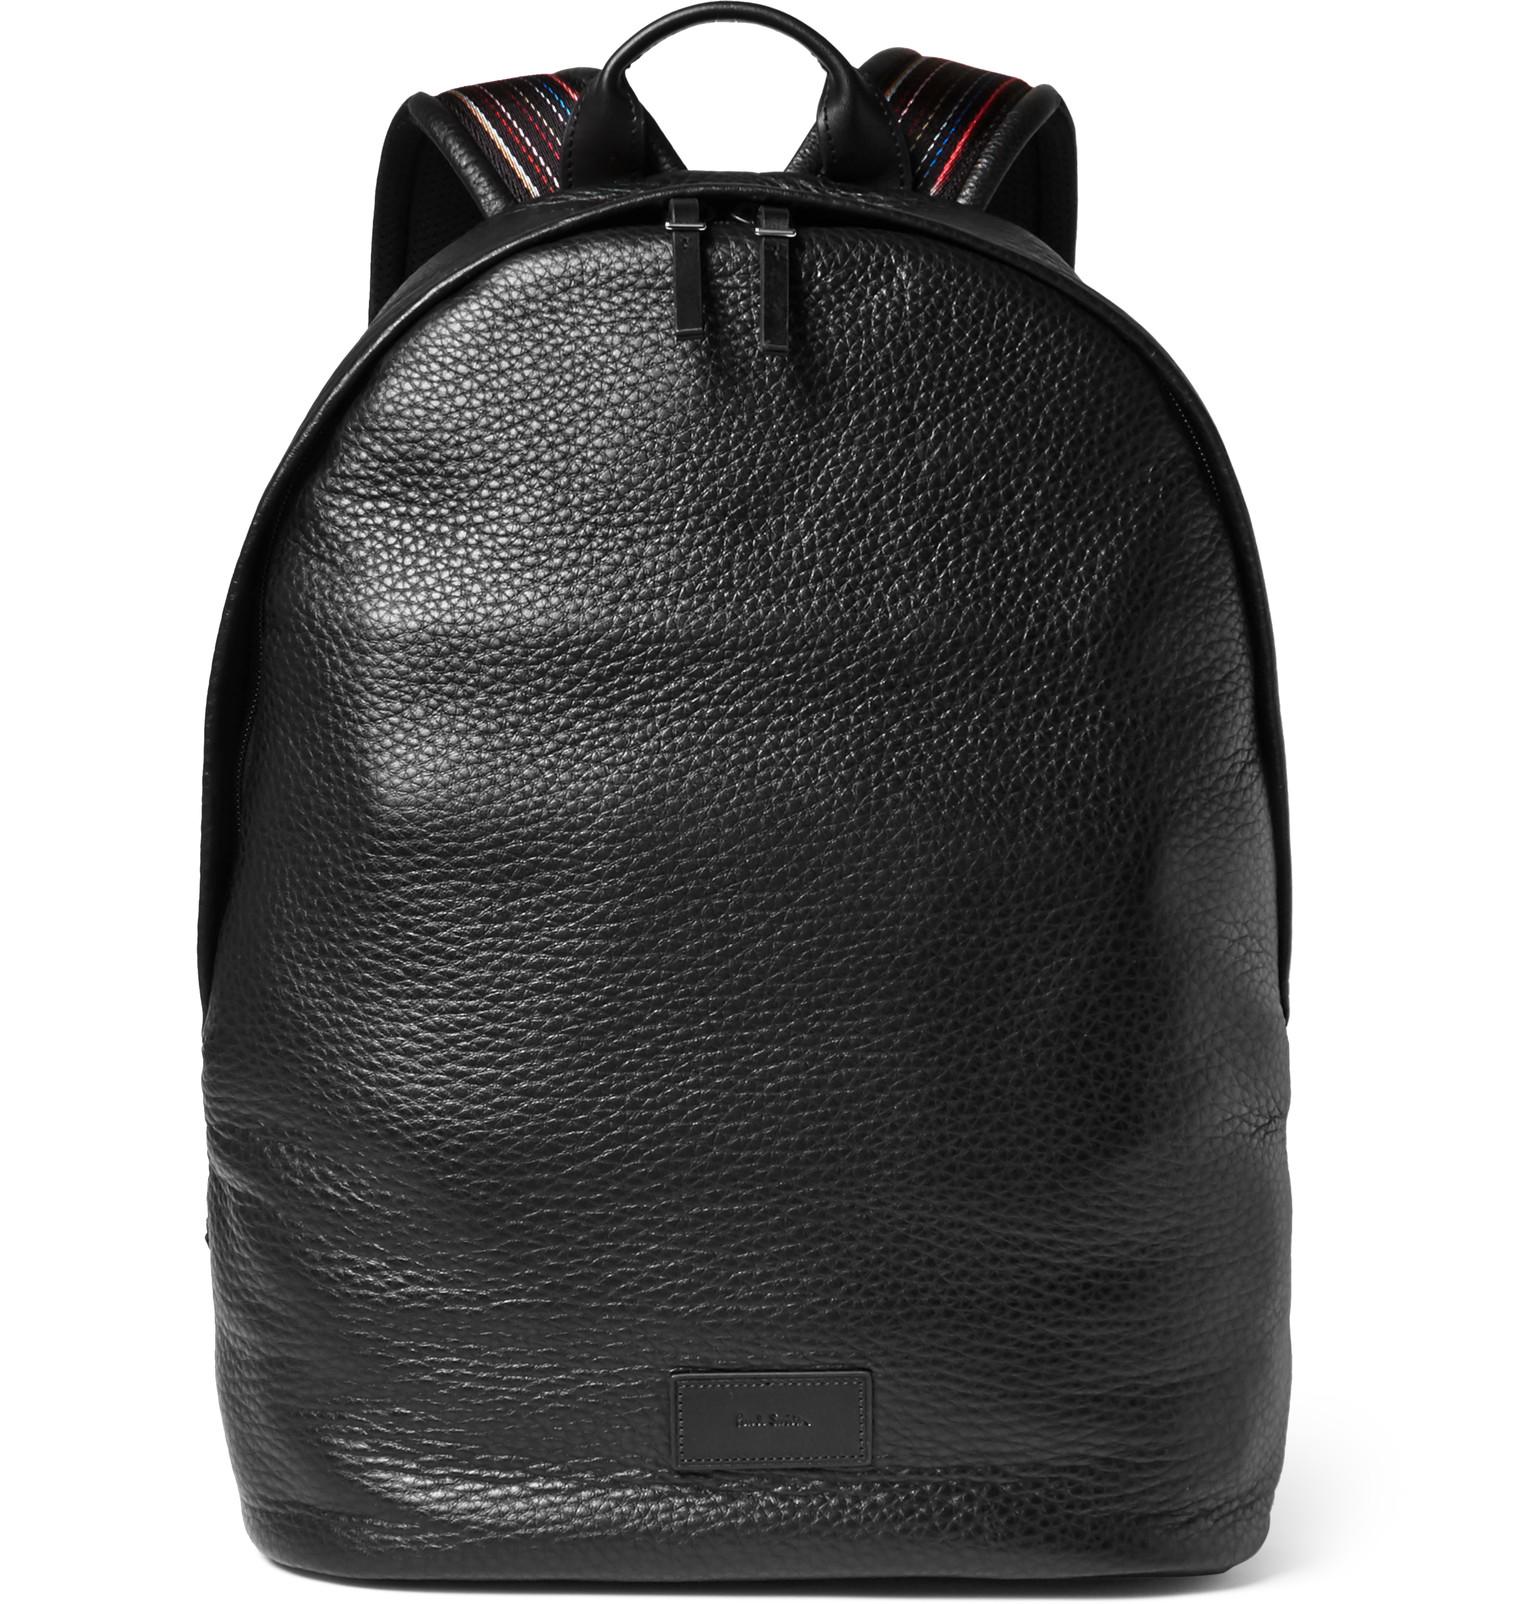 Paul Smith Full Grain Leather Backpack In Black For Men Lyst